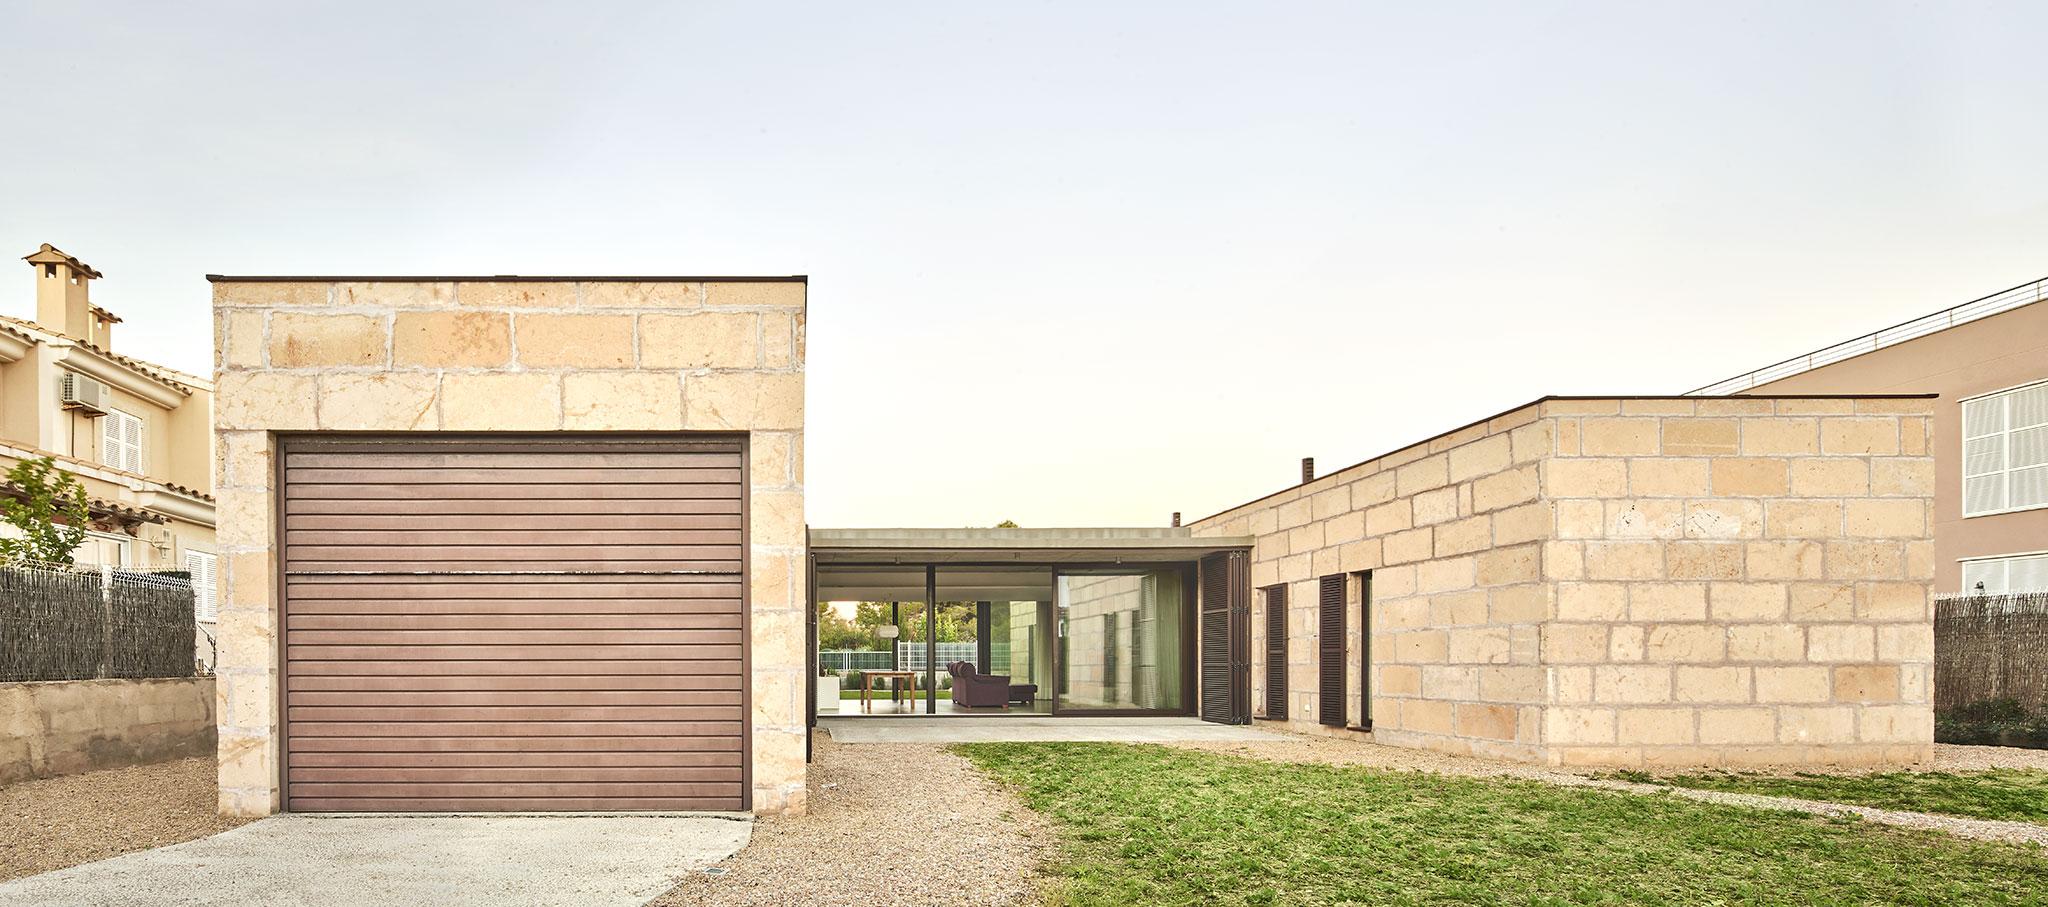 Vista exterior. Casa es Carnatge por MIEL Arquitectos. Fotografía @ José Hevia